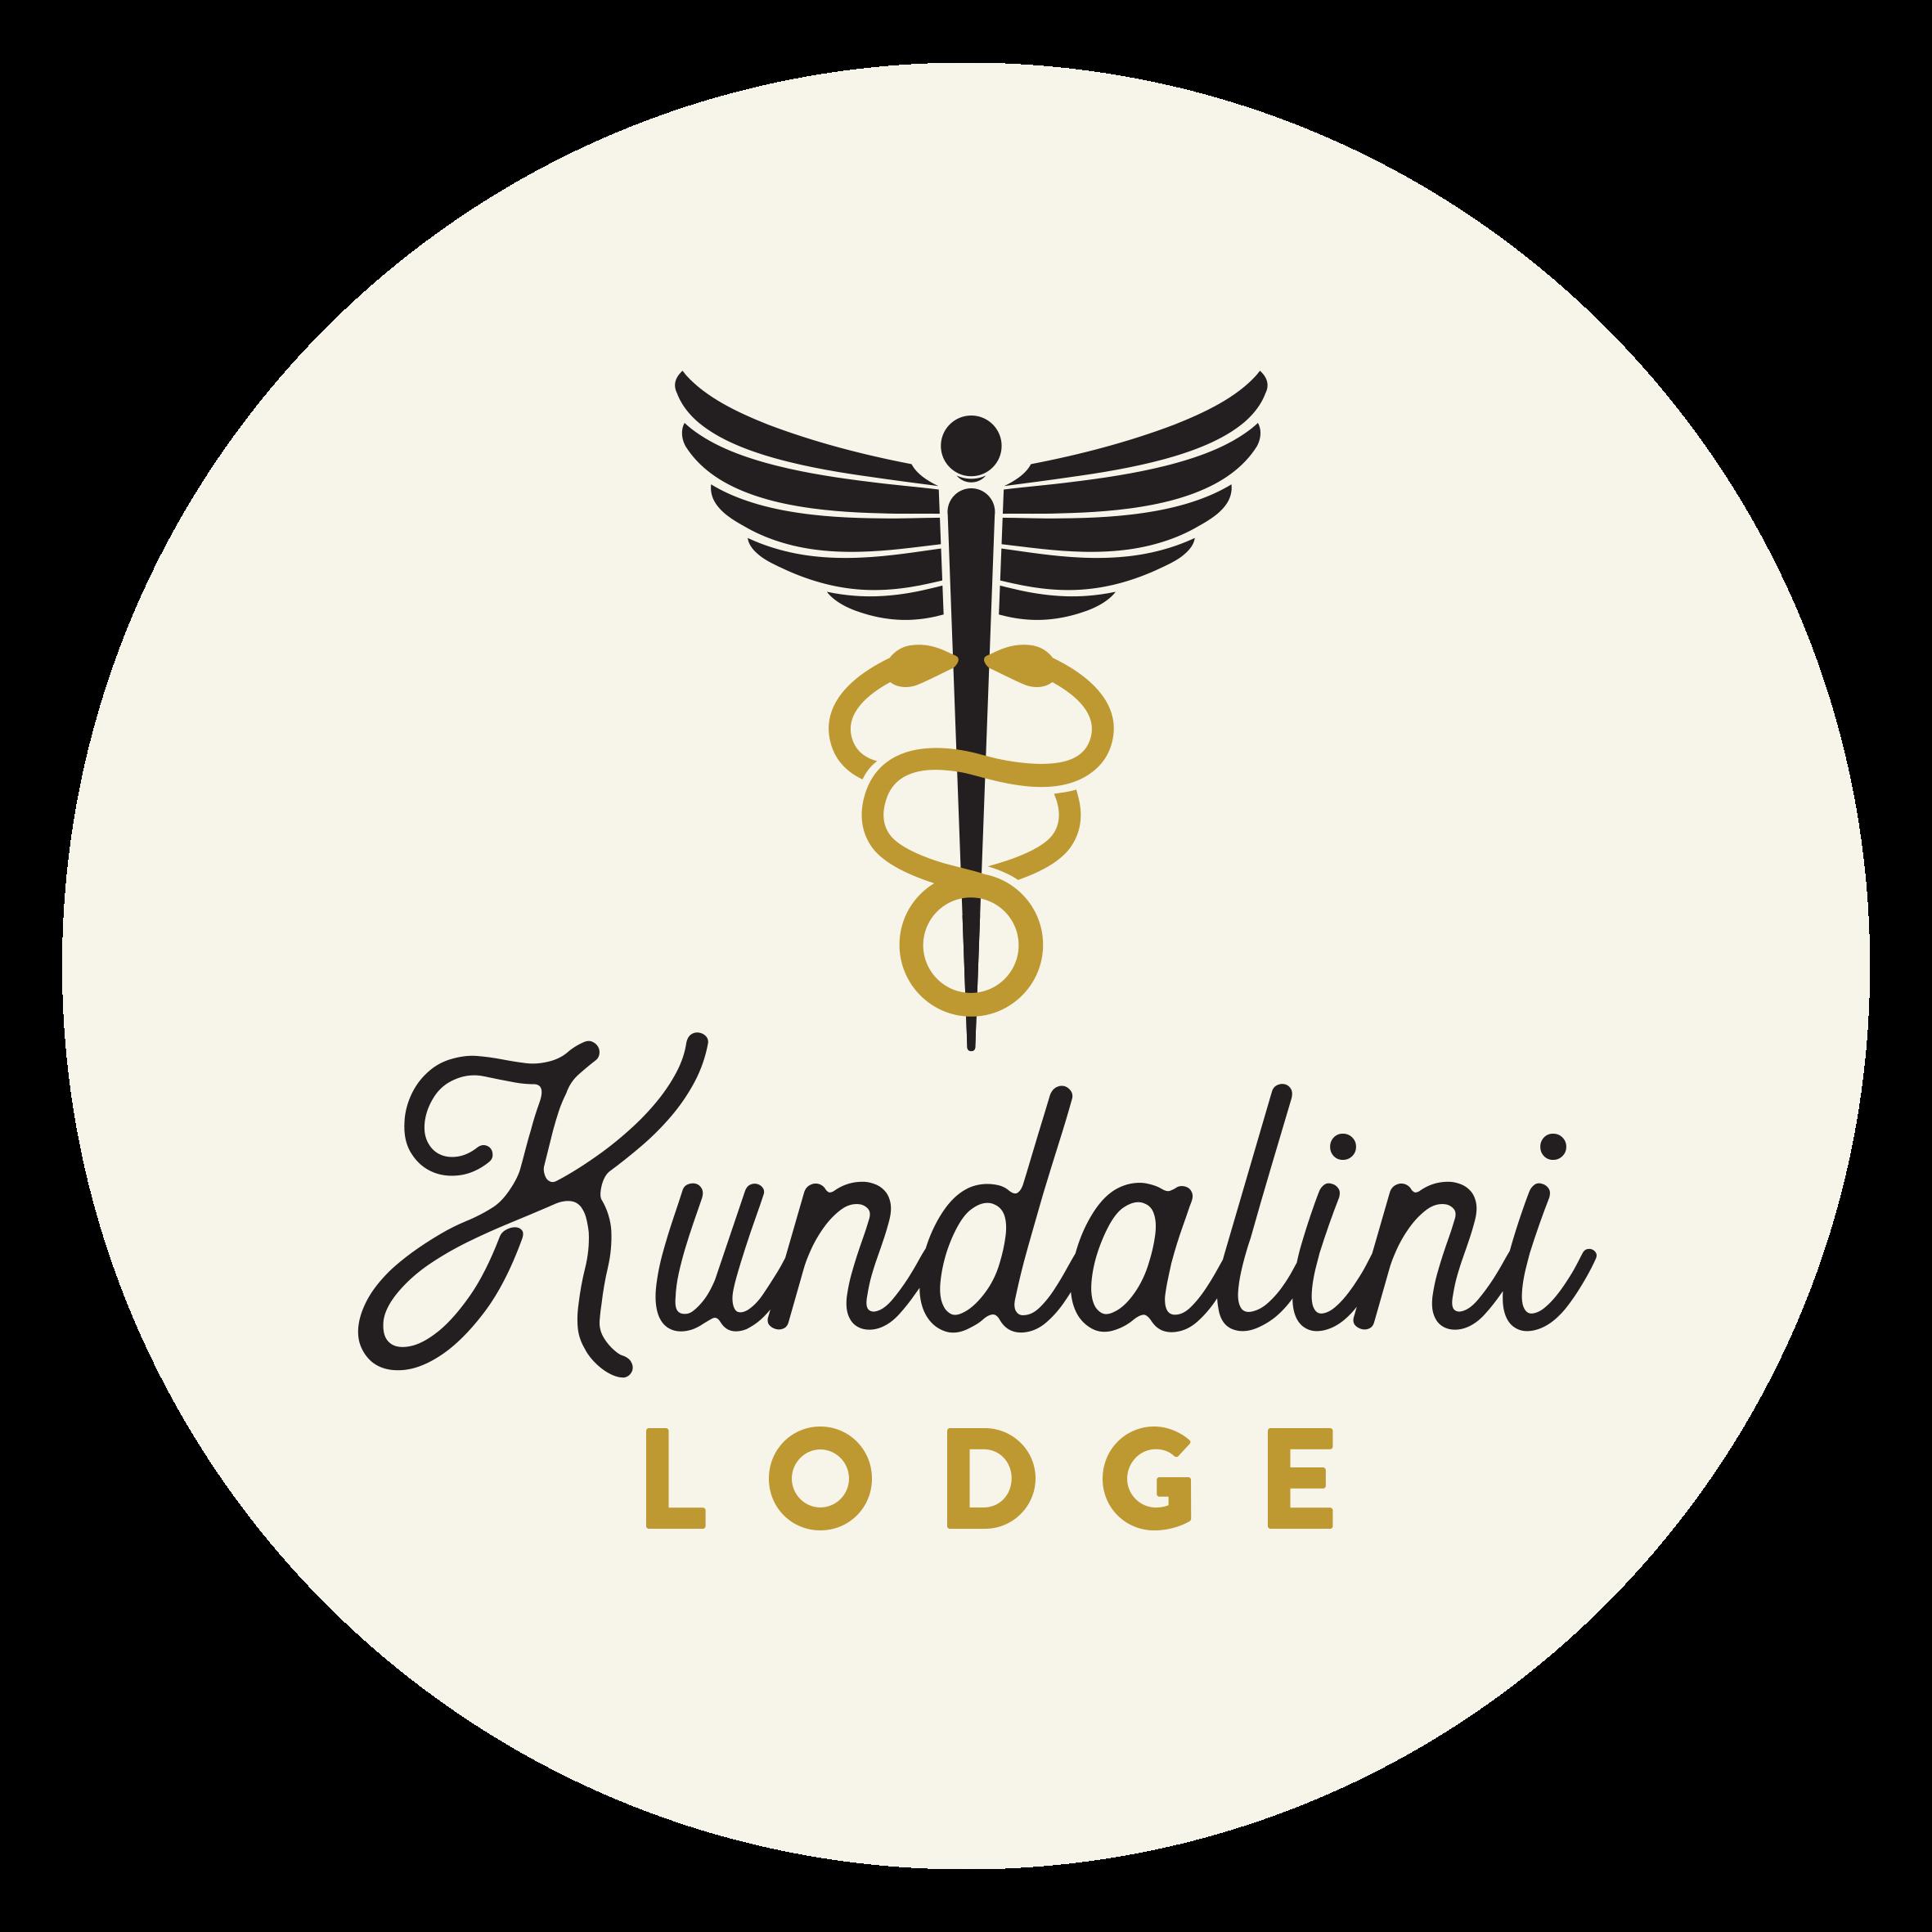 Kundalini Lodge